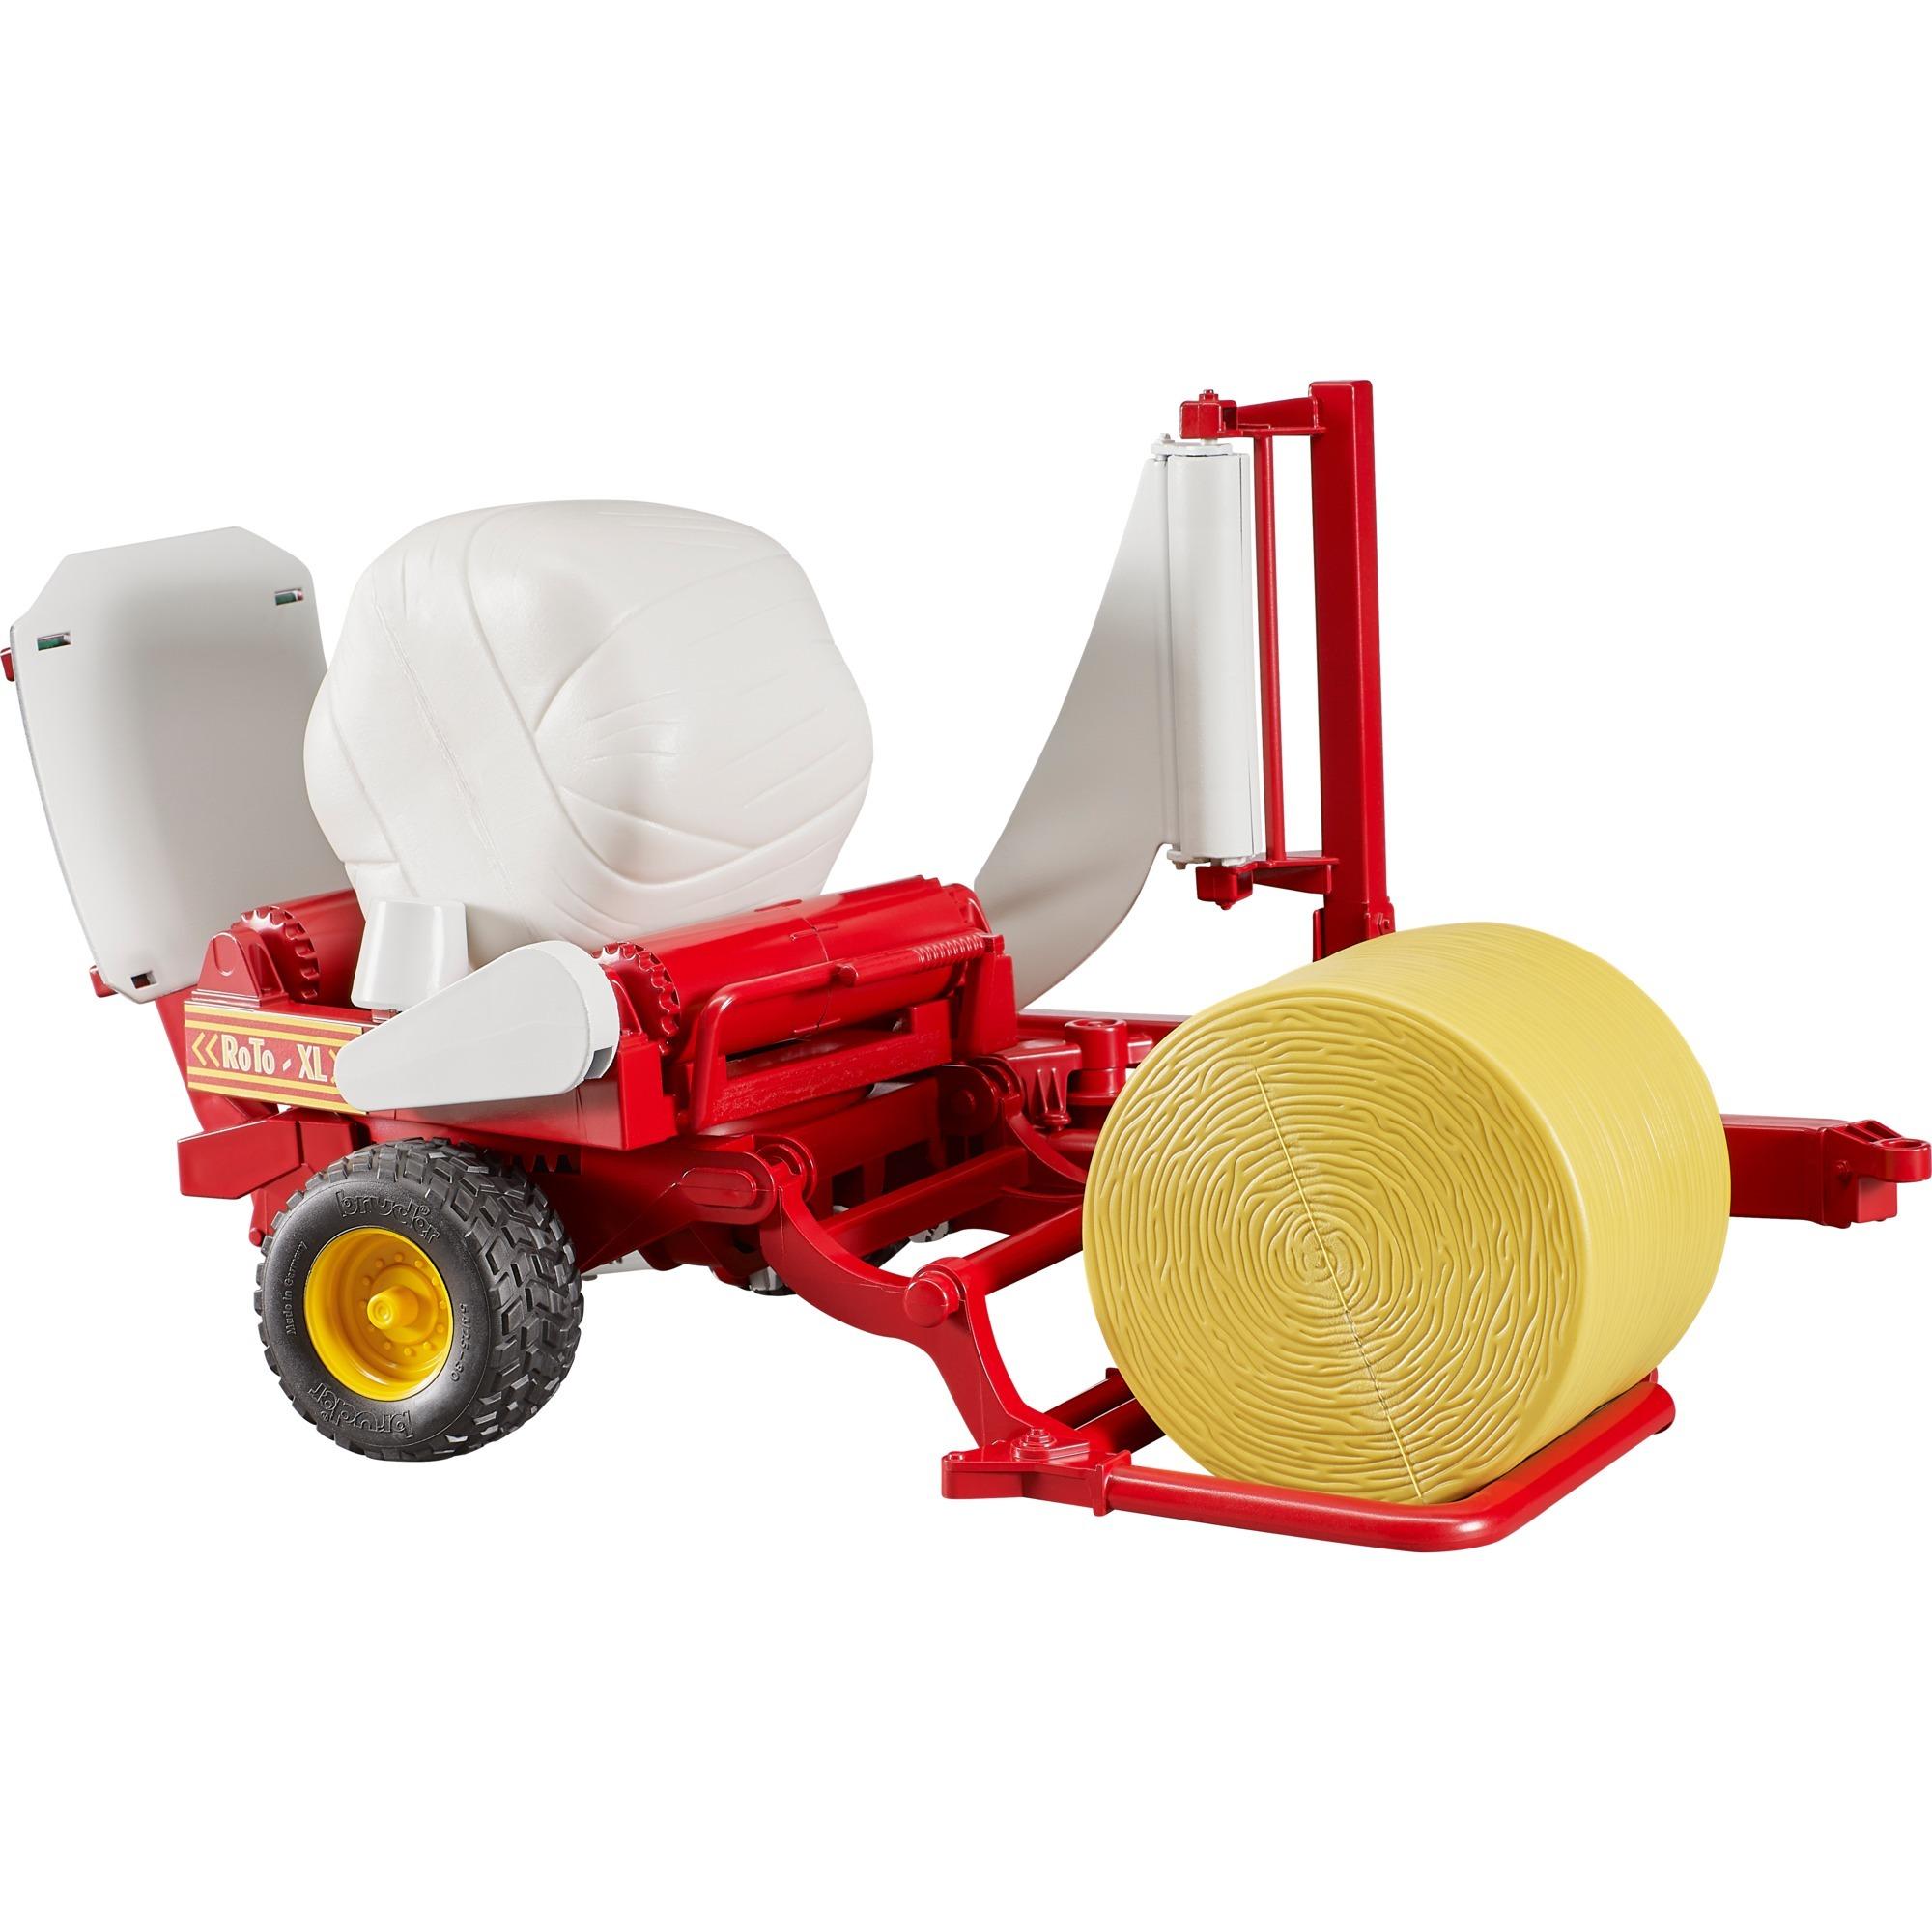 02122 vehículo de juguete, Automóvil de construcción